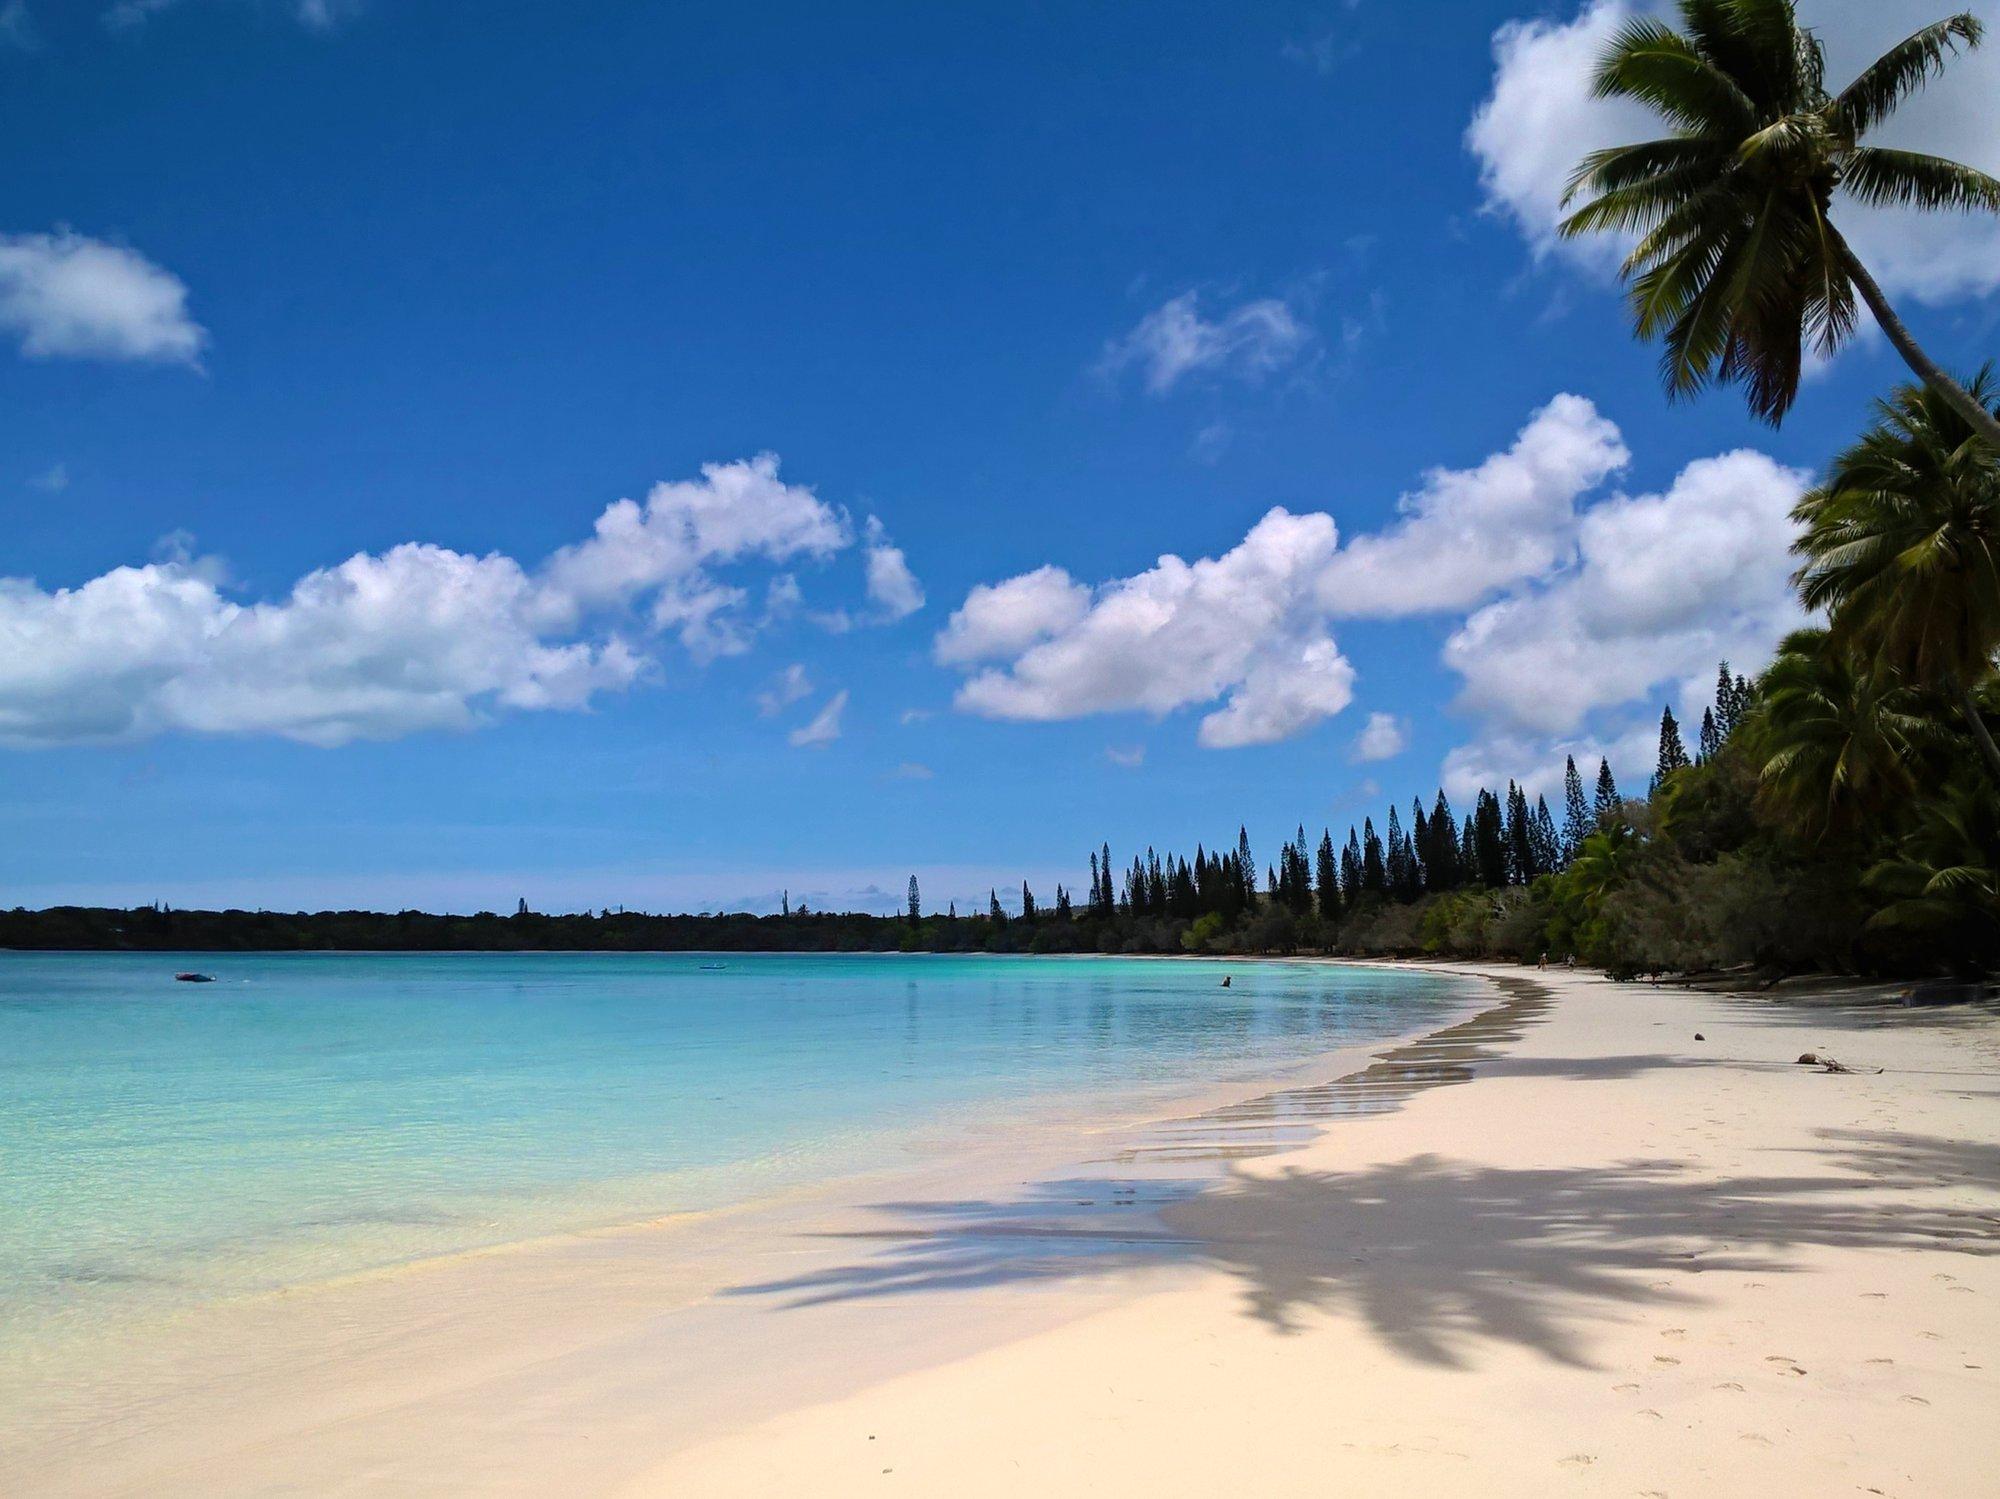 pláž Kuto rozhodně nesmíte vynechat